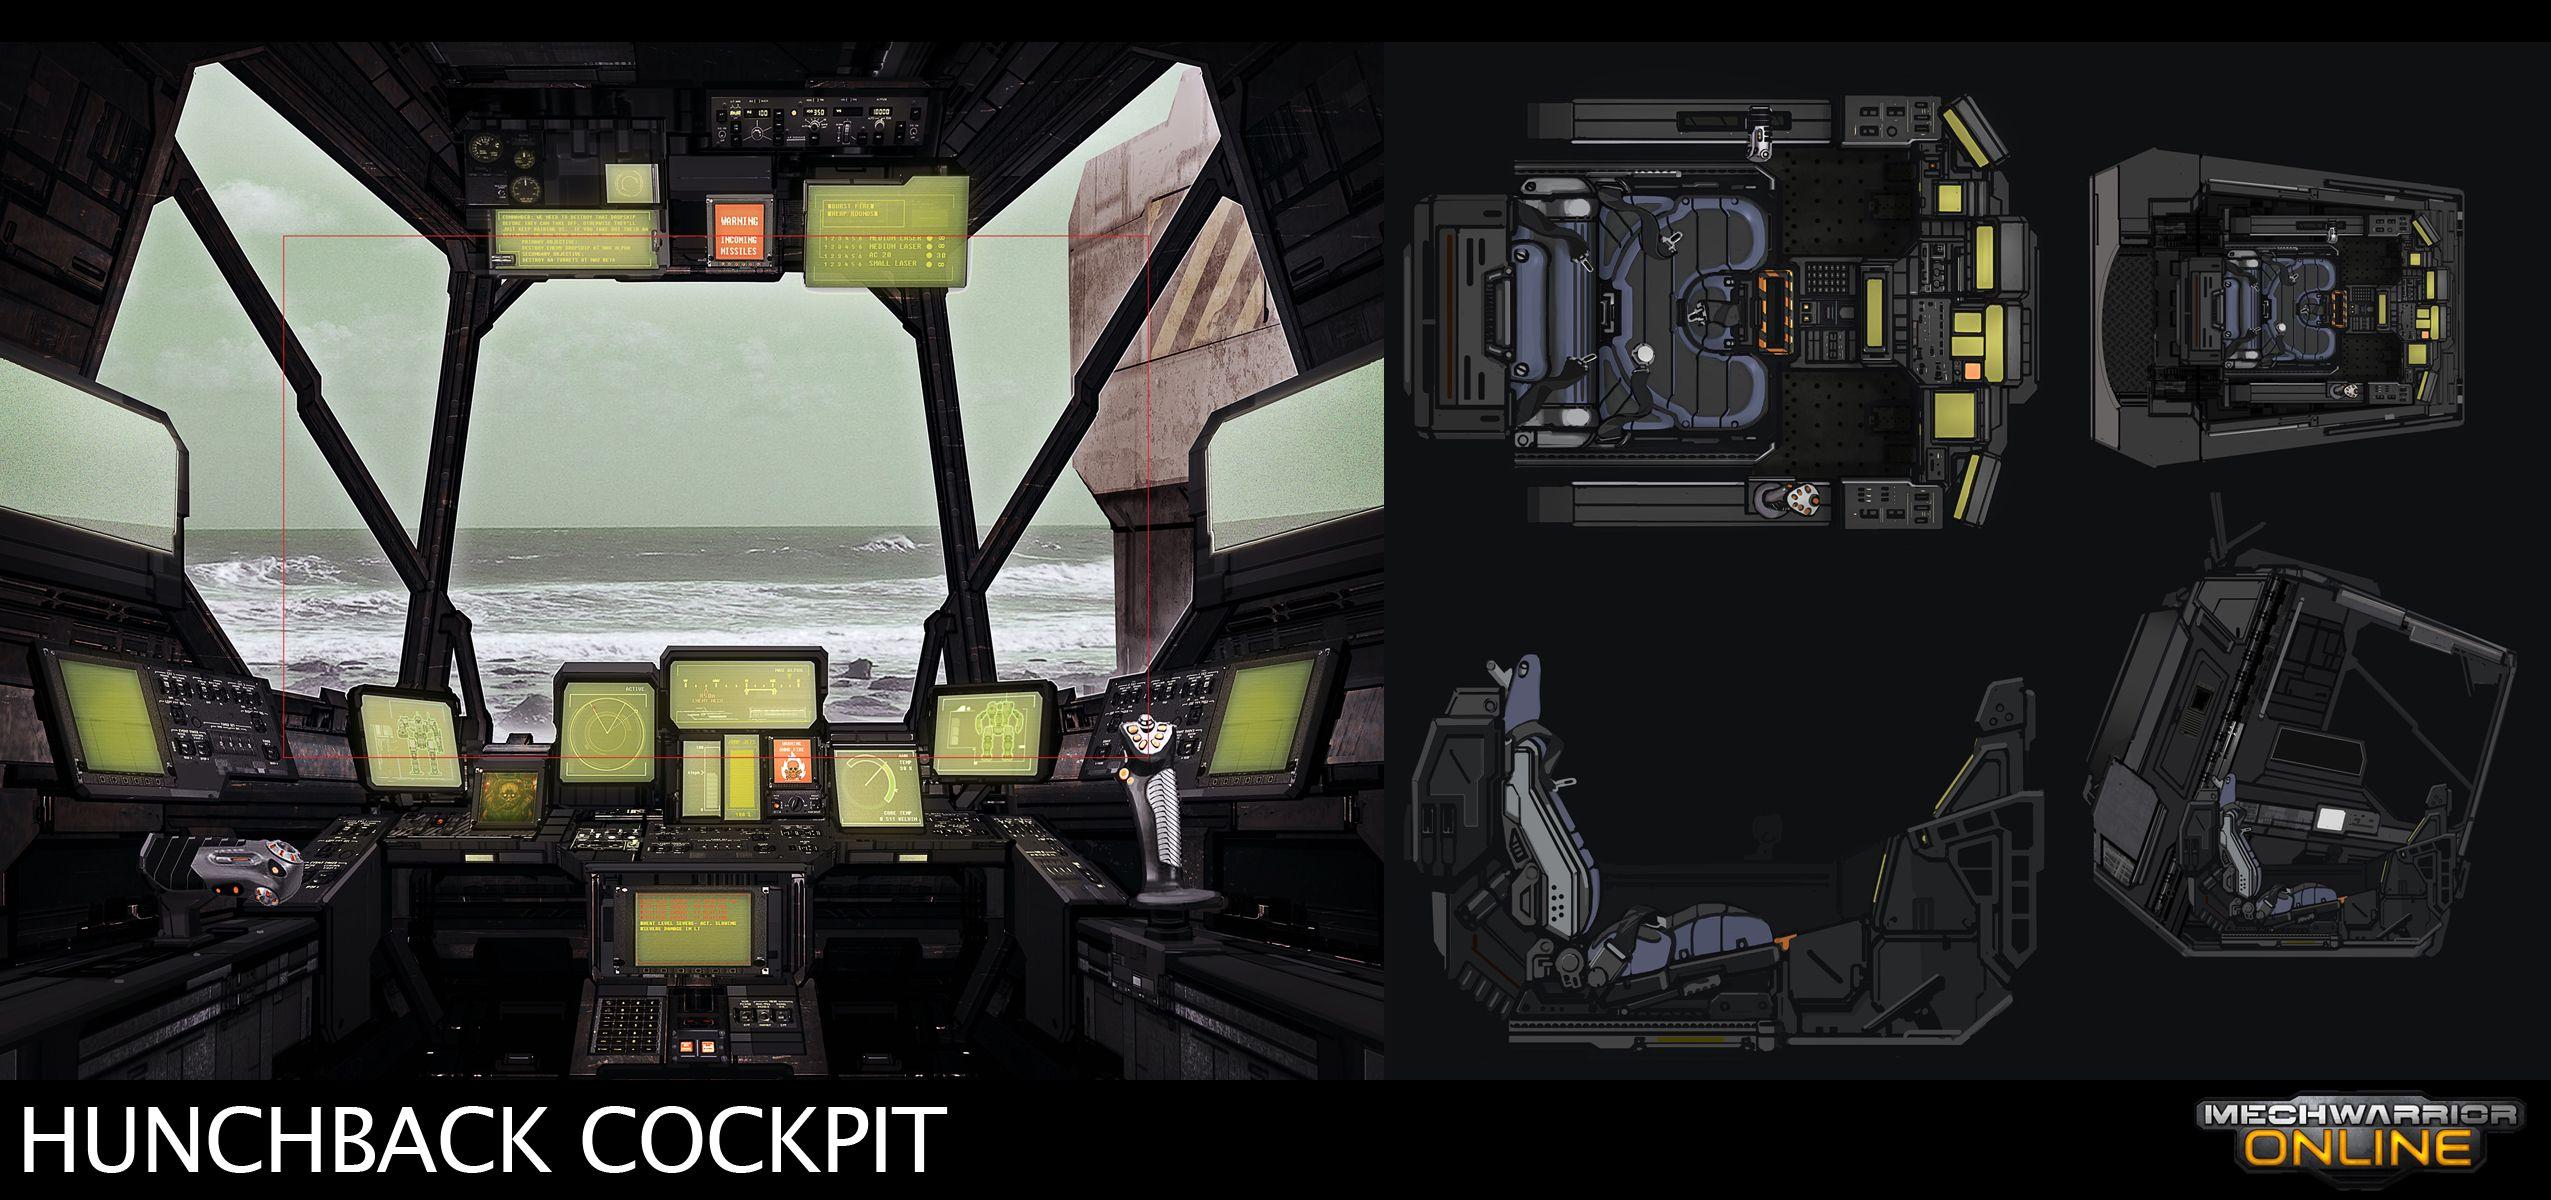 Mechwarrior Online Images Screenshots 26 Dãc 2011 0060a5